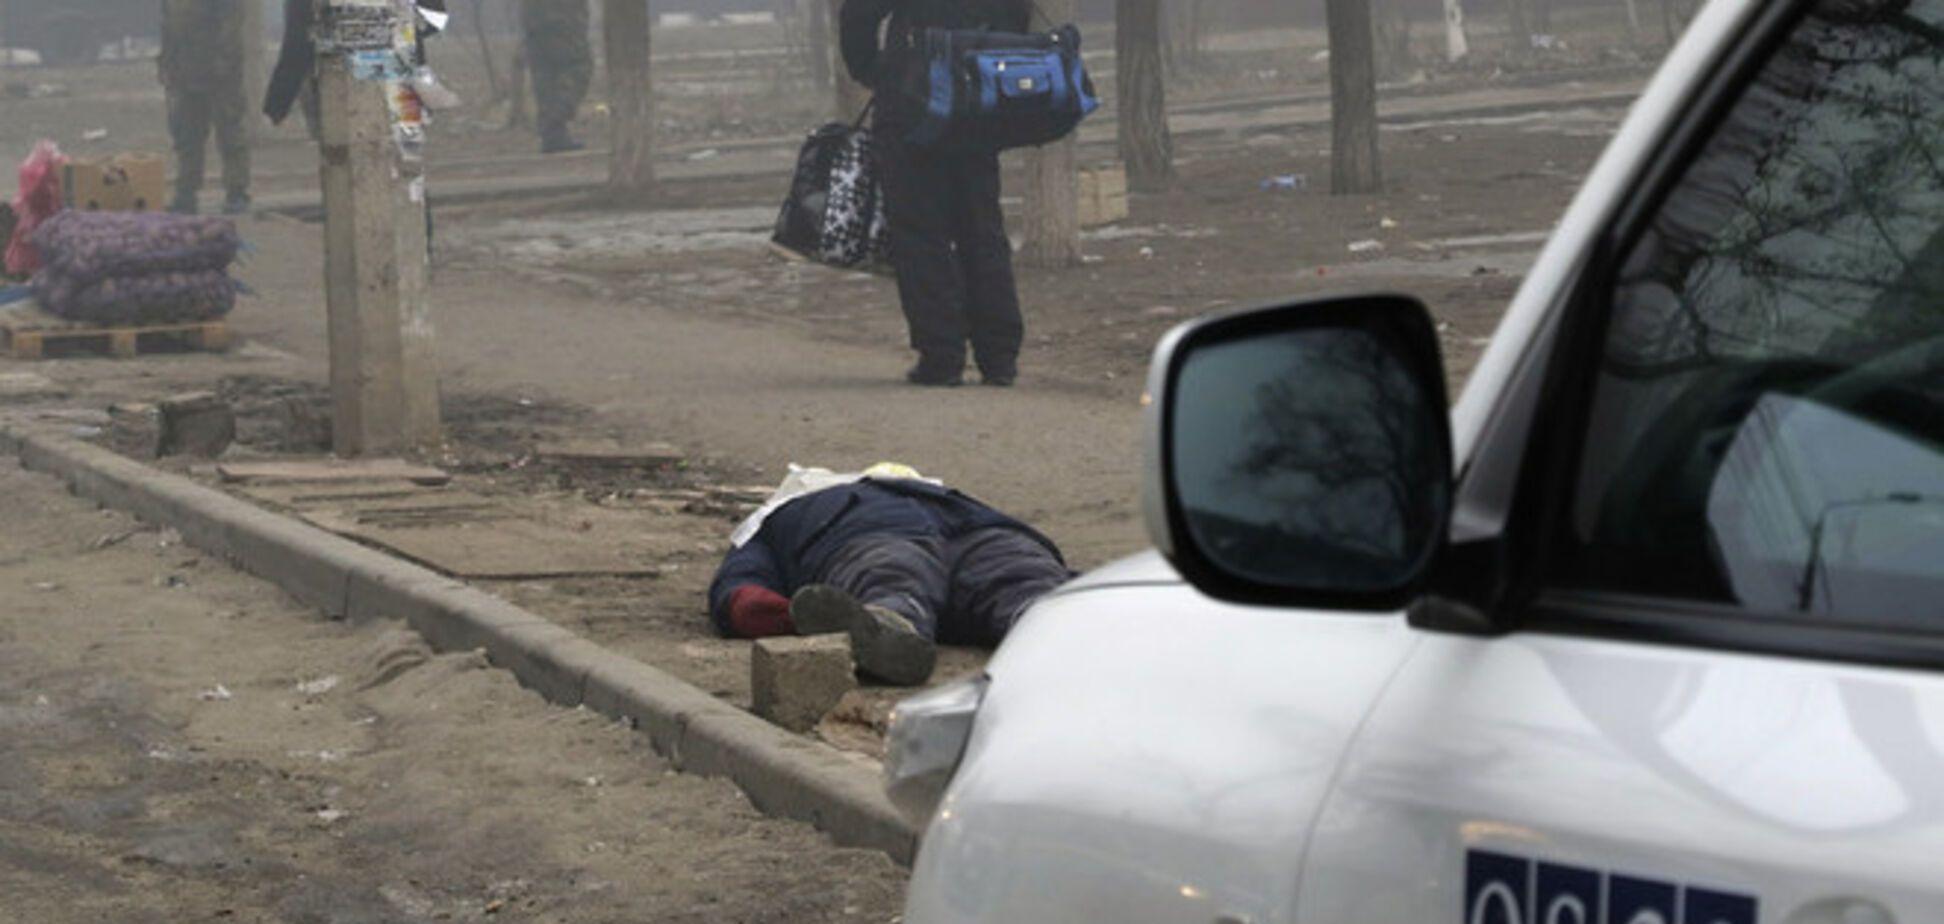 Ущерб Мариуполя после 'подарка' от 'братской' России более 100 млн грн - губернатор